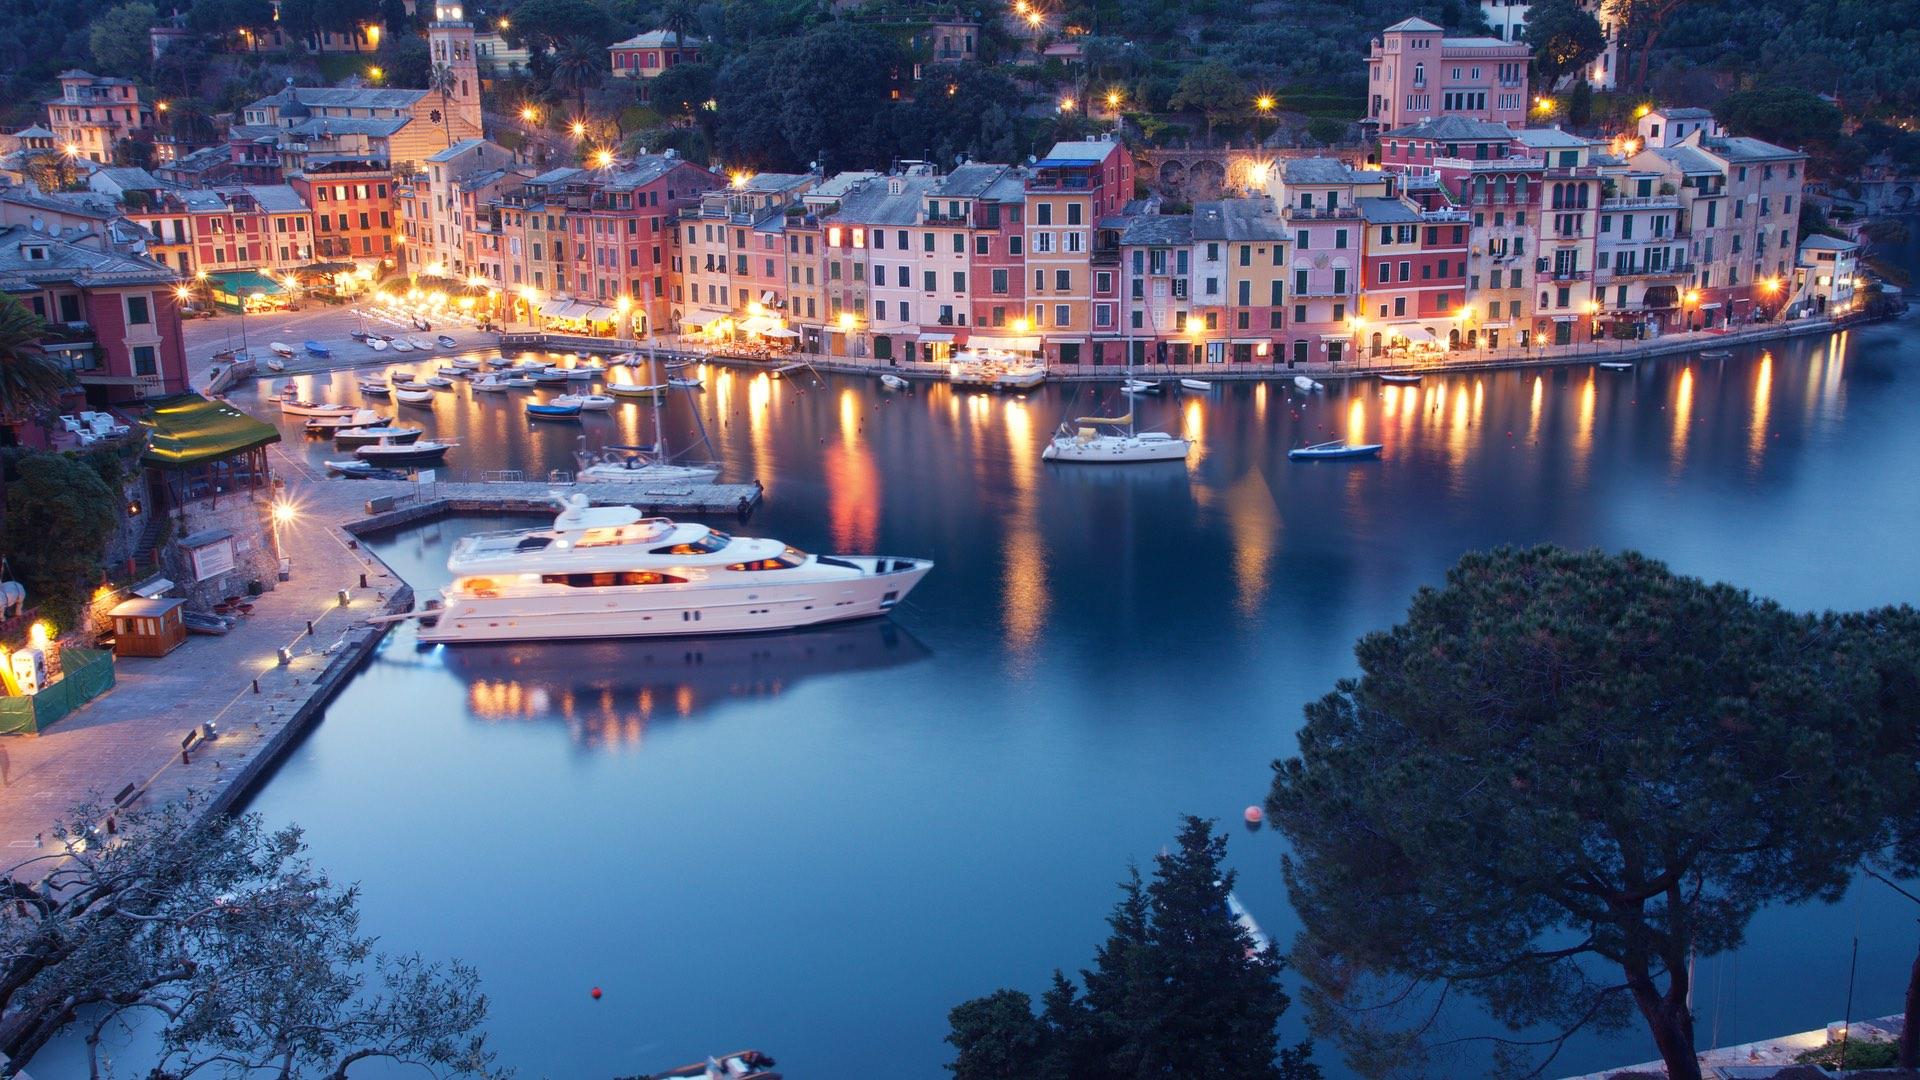 Italien | Portofino/Ligurien | ©unknown 1861/Shutterstock.com